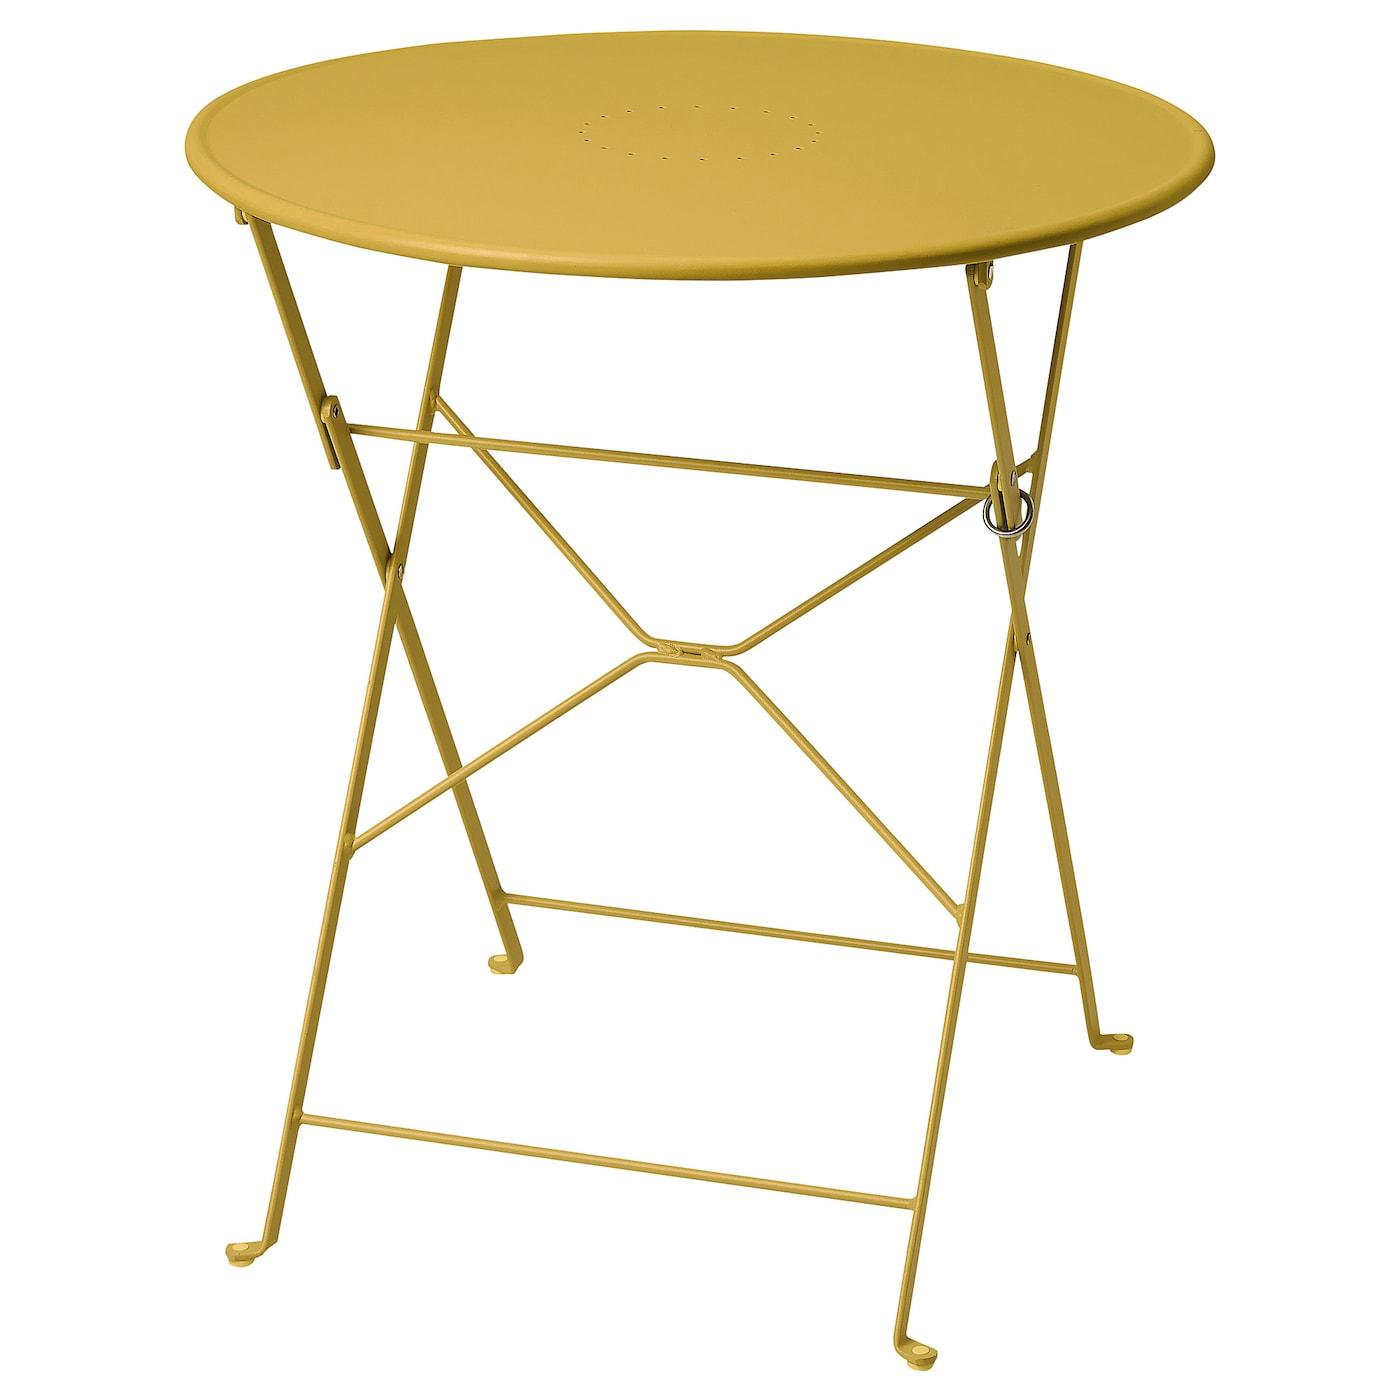 SALTHOLMEN Tisch/außen - faltbar/gelb 65 cm